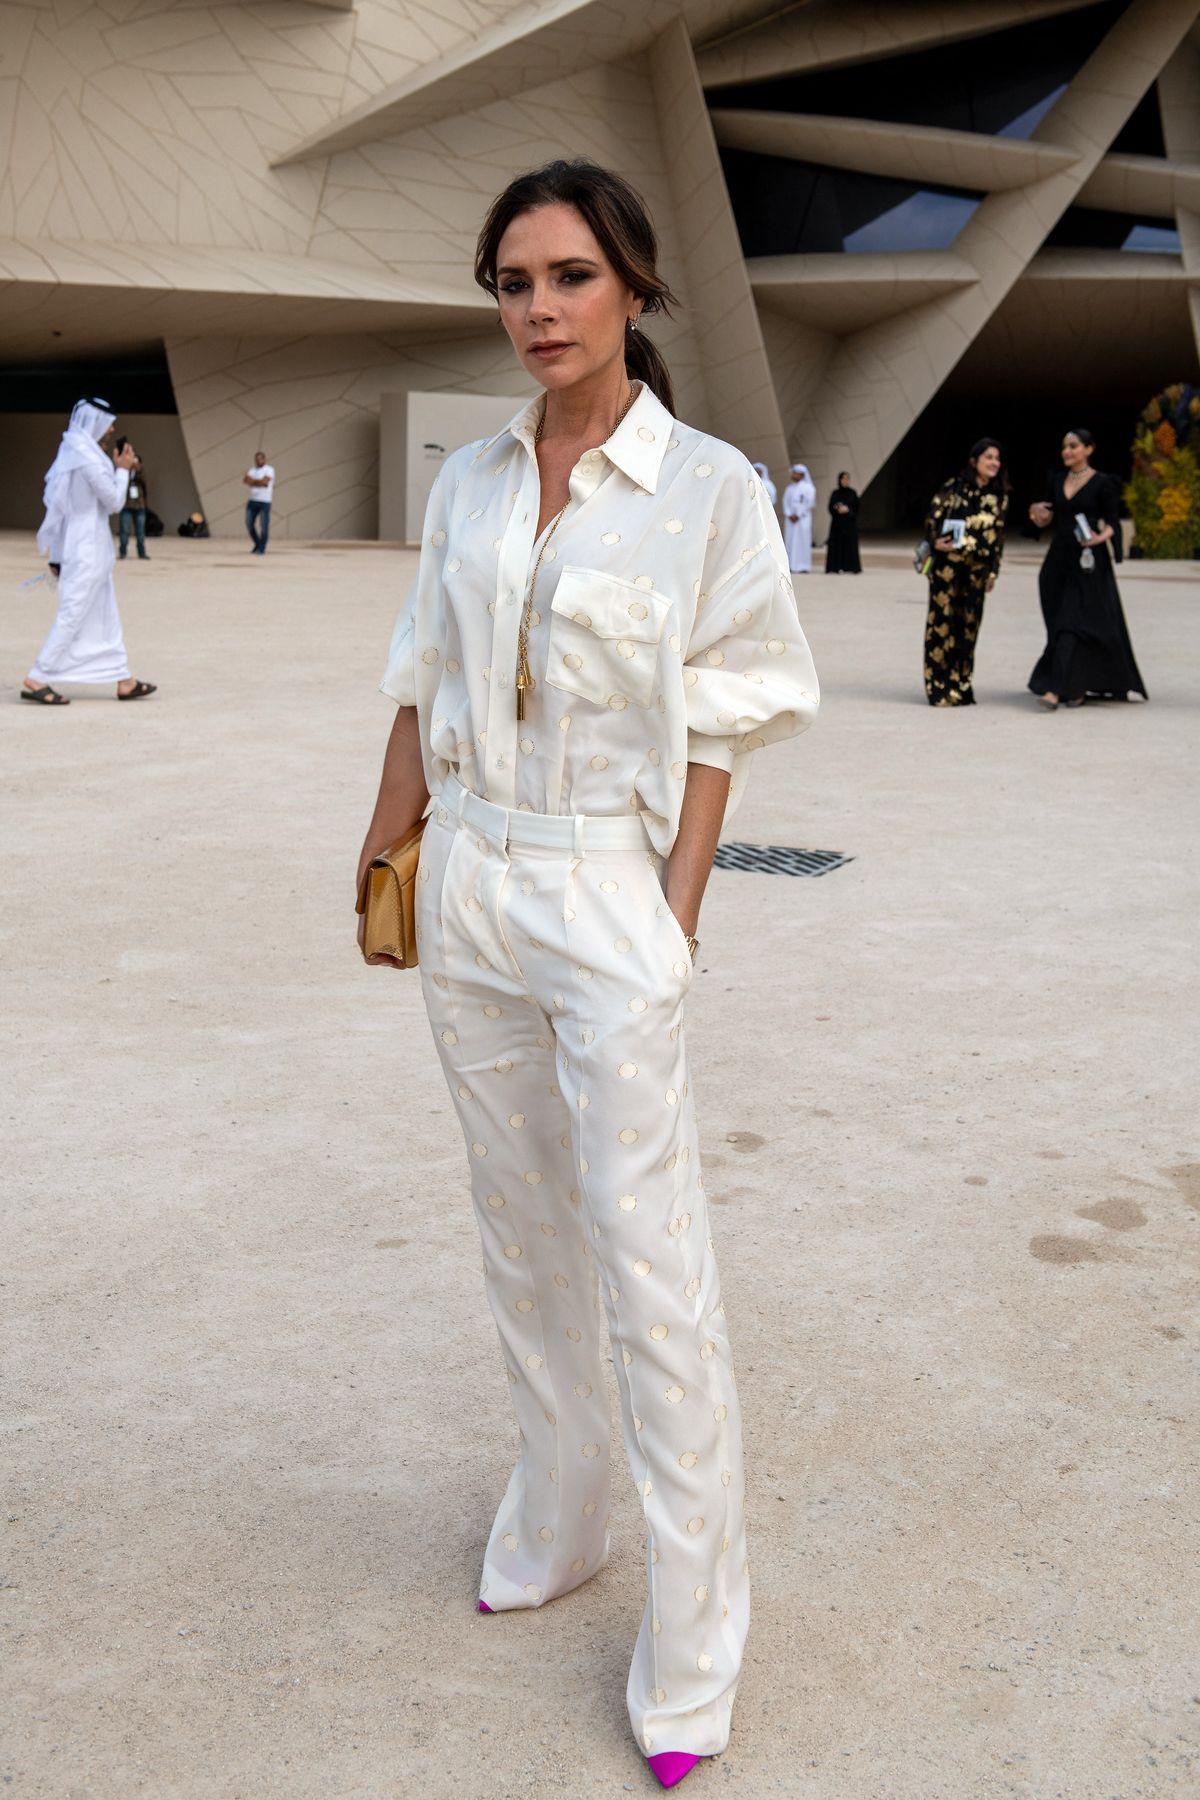 Victoria Beckham in einem cremefarbenen Outfit ihres eigenen Labels.